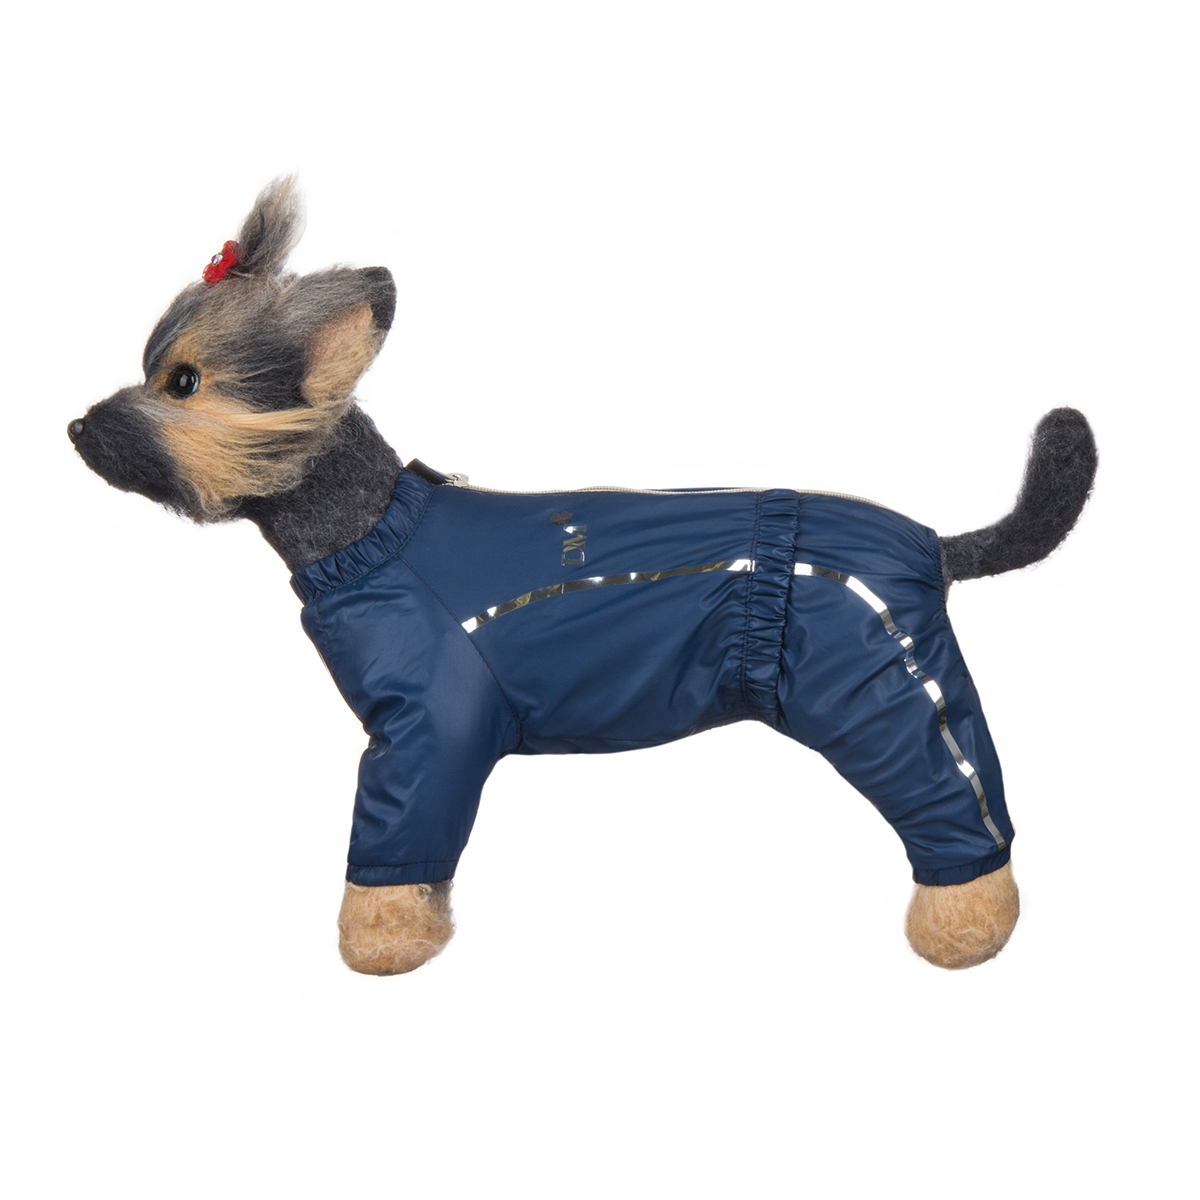 Комбинезон для собак Dogmoda Альпы, для мальчика, цвет: синий. Размер 2 (M). DM-160103 комбинезон для собак dogmoda doggs зимний для девочки цвет фиолетовый размер xxl